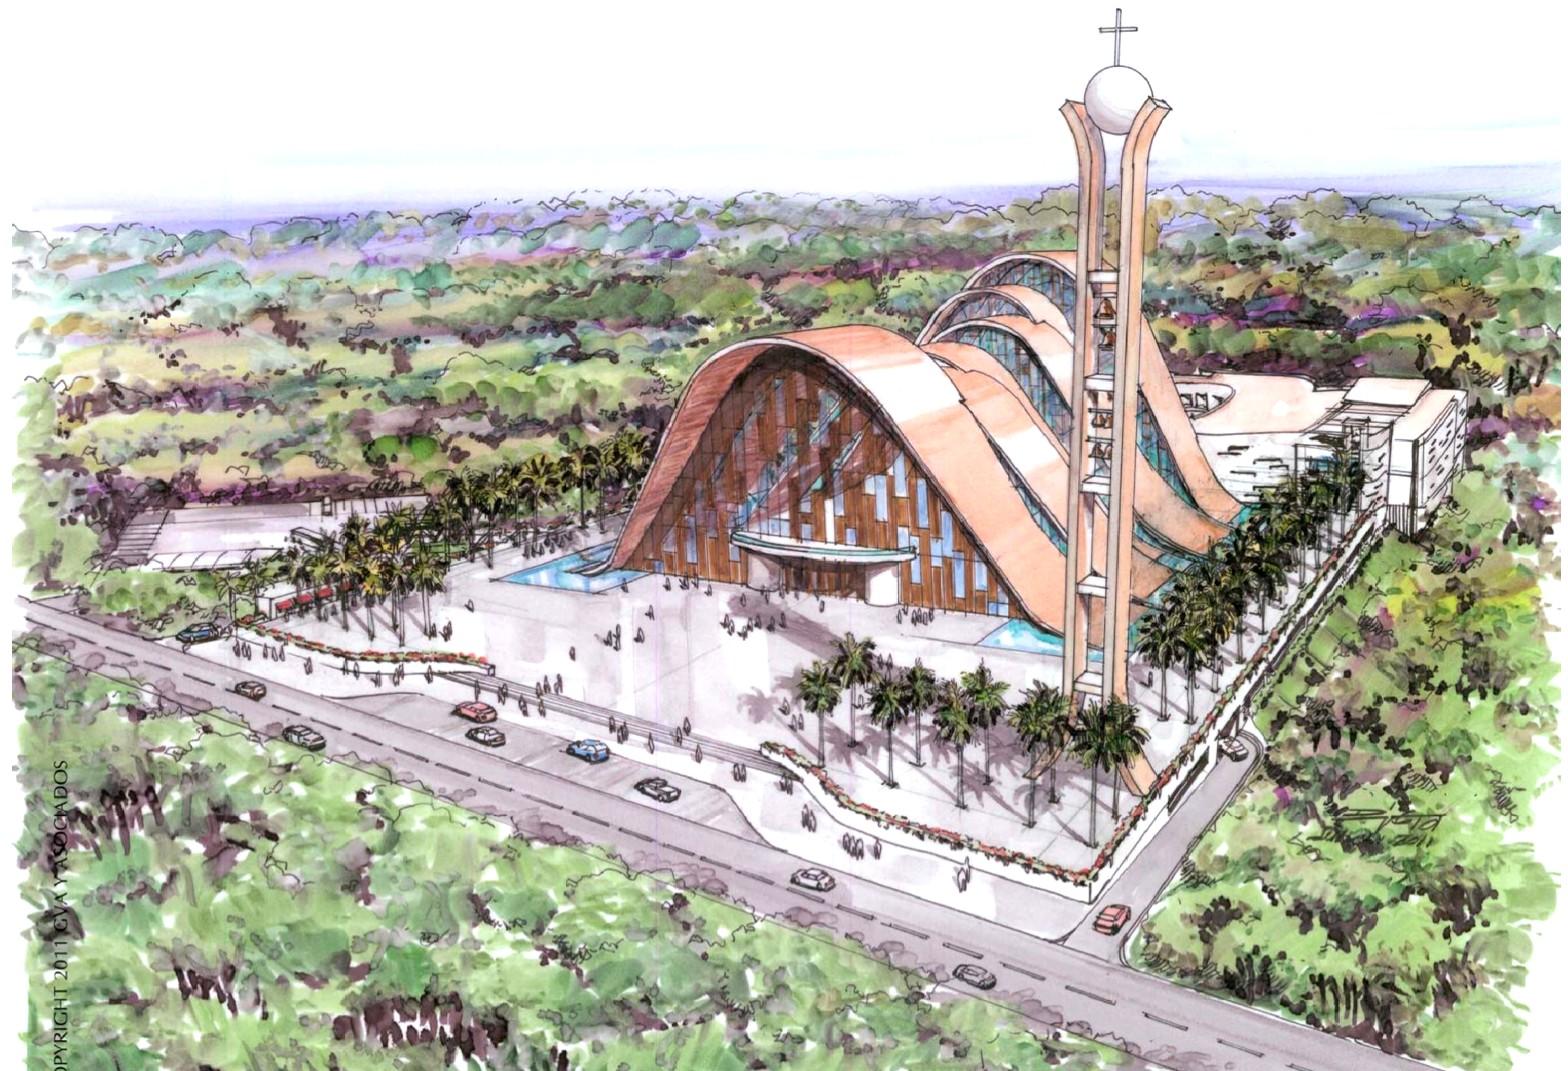 La Patrona de Panamá: Santa María la Antigua, Panamá (9 de septiembre)